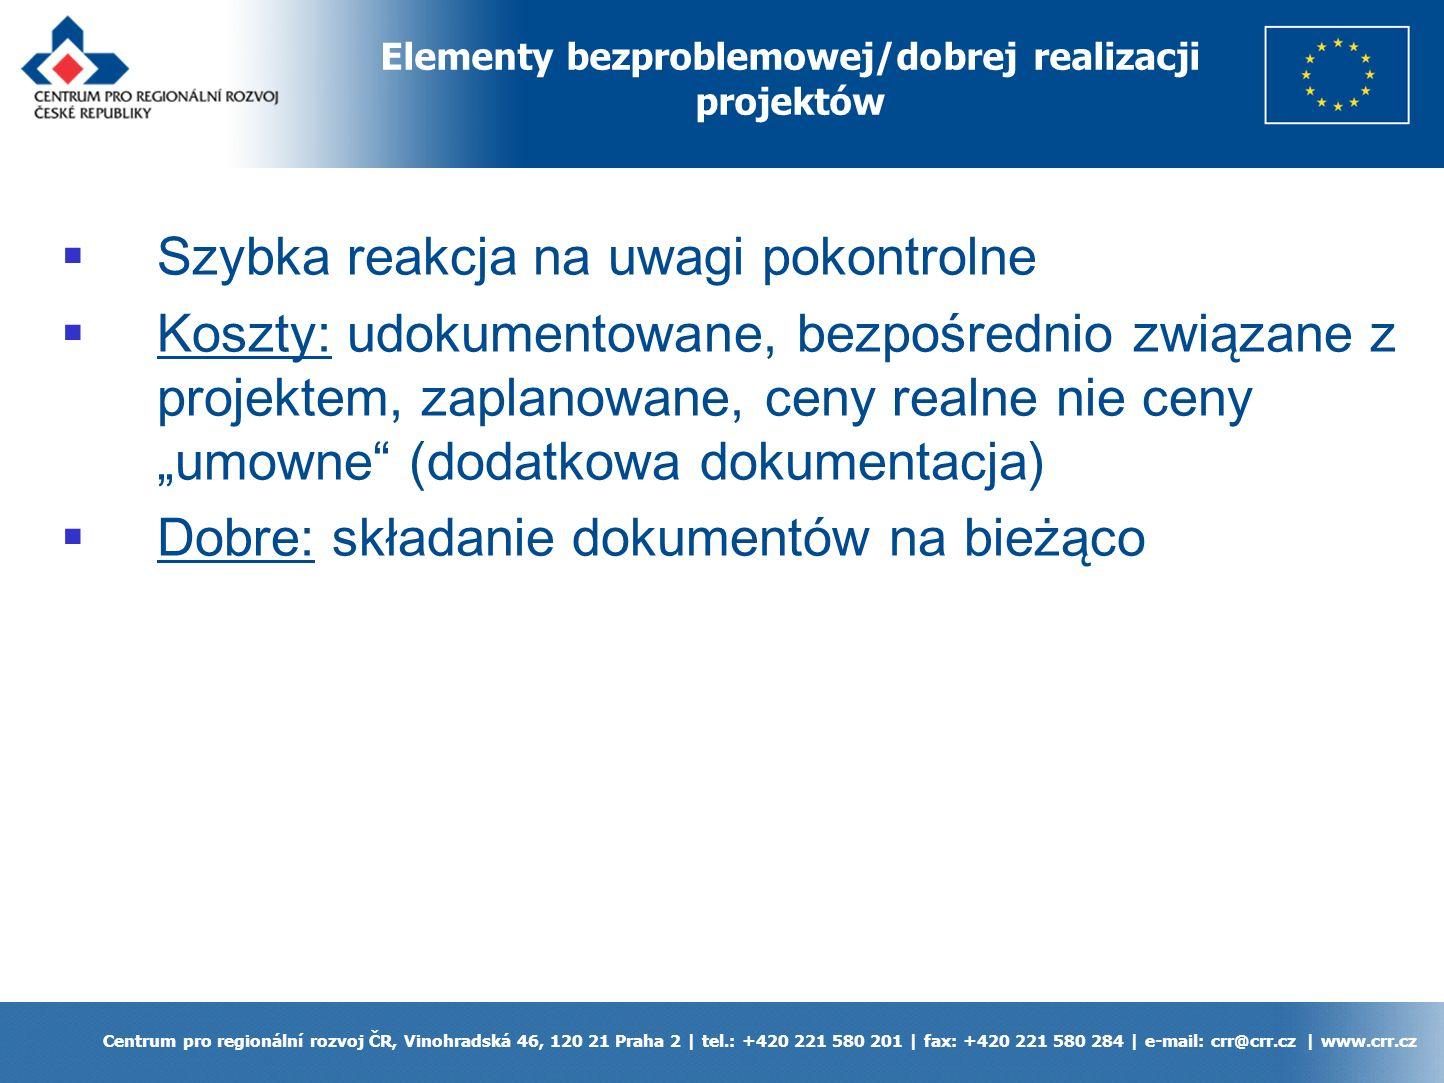 Doświadczenia z przygotowania umów /PPD (najczęstsze problemy) Centrum pro regionální rozvoj ČR, Vinohradská 46, 120 21 Praha 2   tel.: +420 221 580 201   fax: +420 221 580 284   e-mail: crr@crr.cz   www.crr.cz Różne dane/dane w załącznikach Próby rozliczenia kosztów niekwalifikowalnych Przeszacowane koszty CRR RCz ostatnia instytucja, w której można wprowadzić zmiany we wniosku przed podpisaniem umowy/wydaniem Decyzji obniżanie przeszacowanych kosztów podczas rozliczenia - nieprzyjemności (lepsze jest zapobieganie podczas składania i oceny projektu)